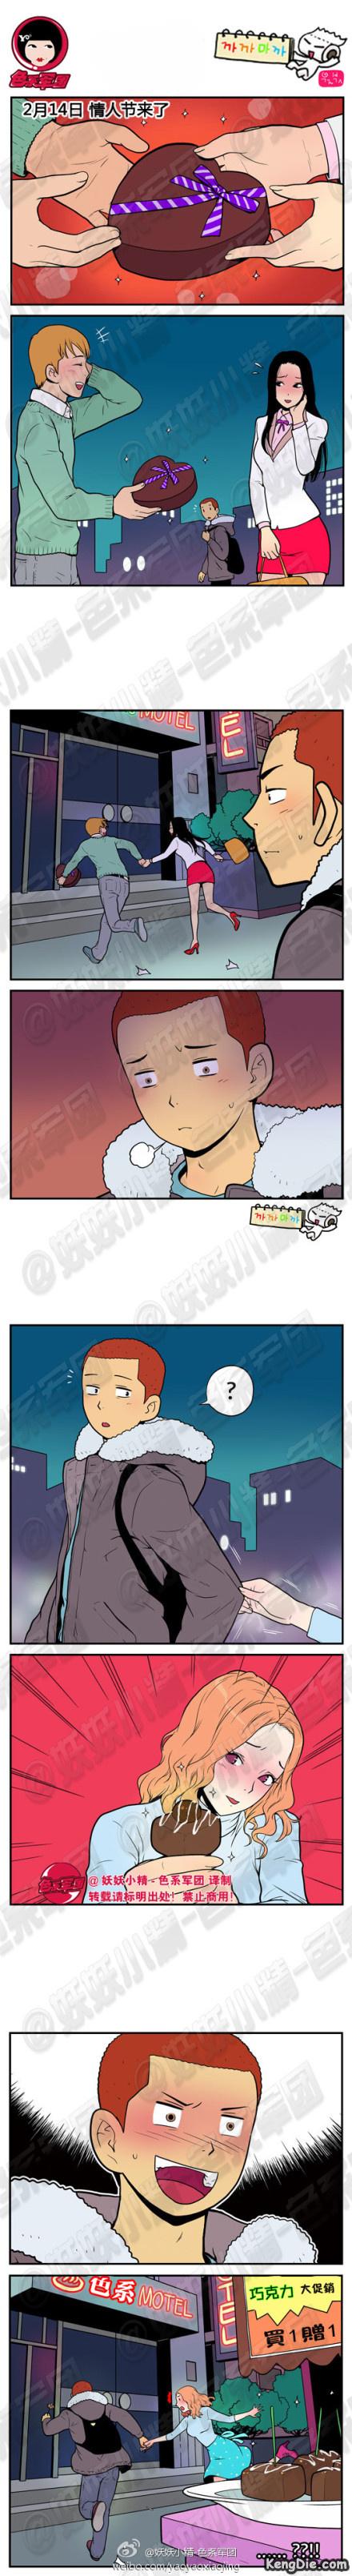 无翼鸟邪恶漫画:无节操的情人节